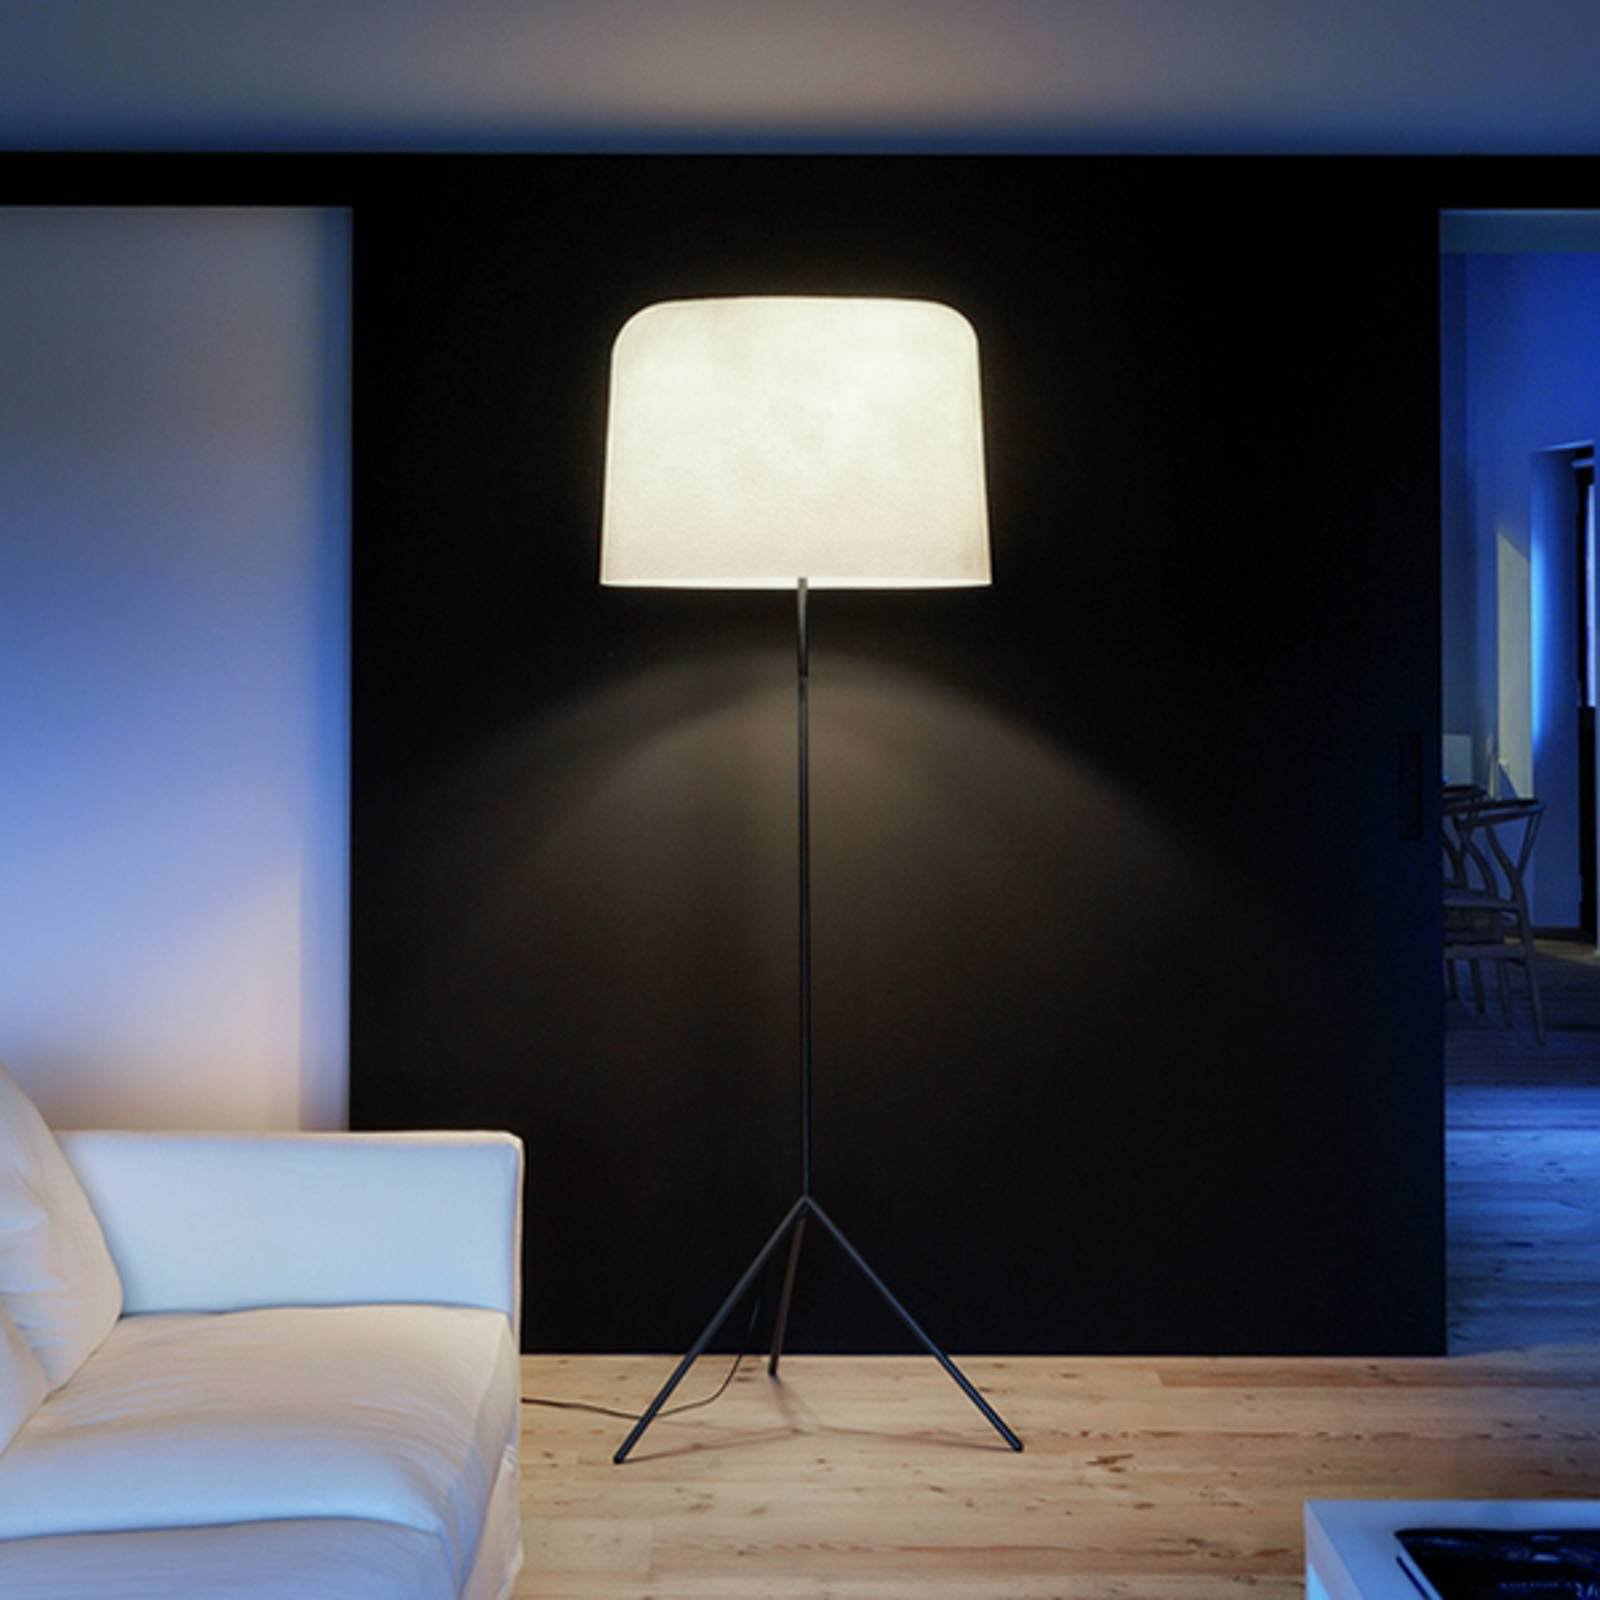 Med glassfiberskjerm - stålampe Ola hvit